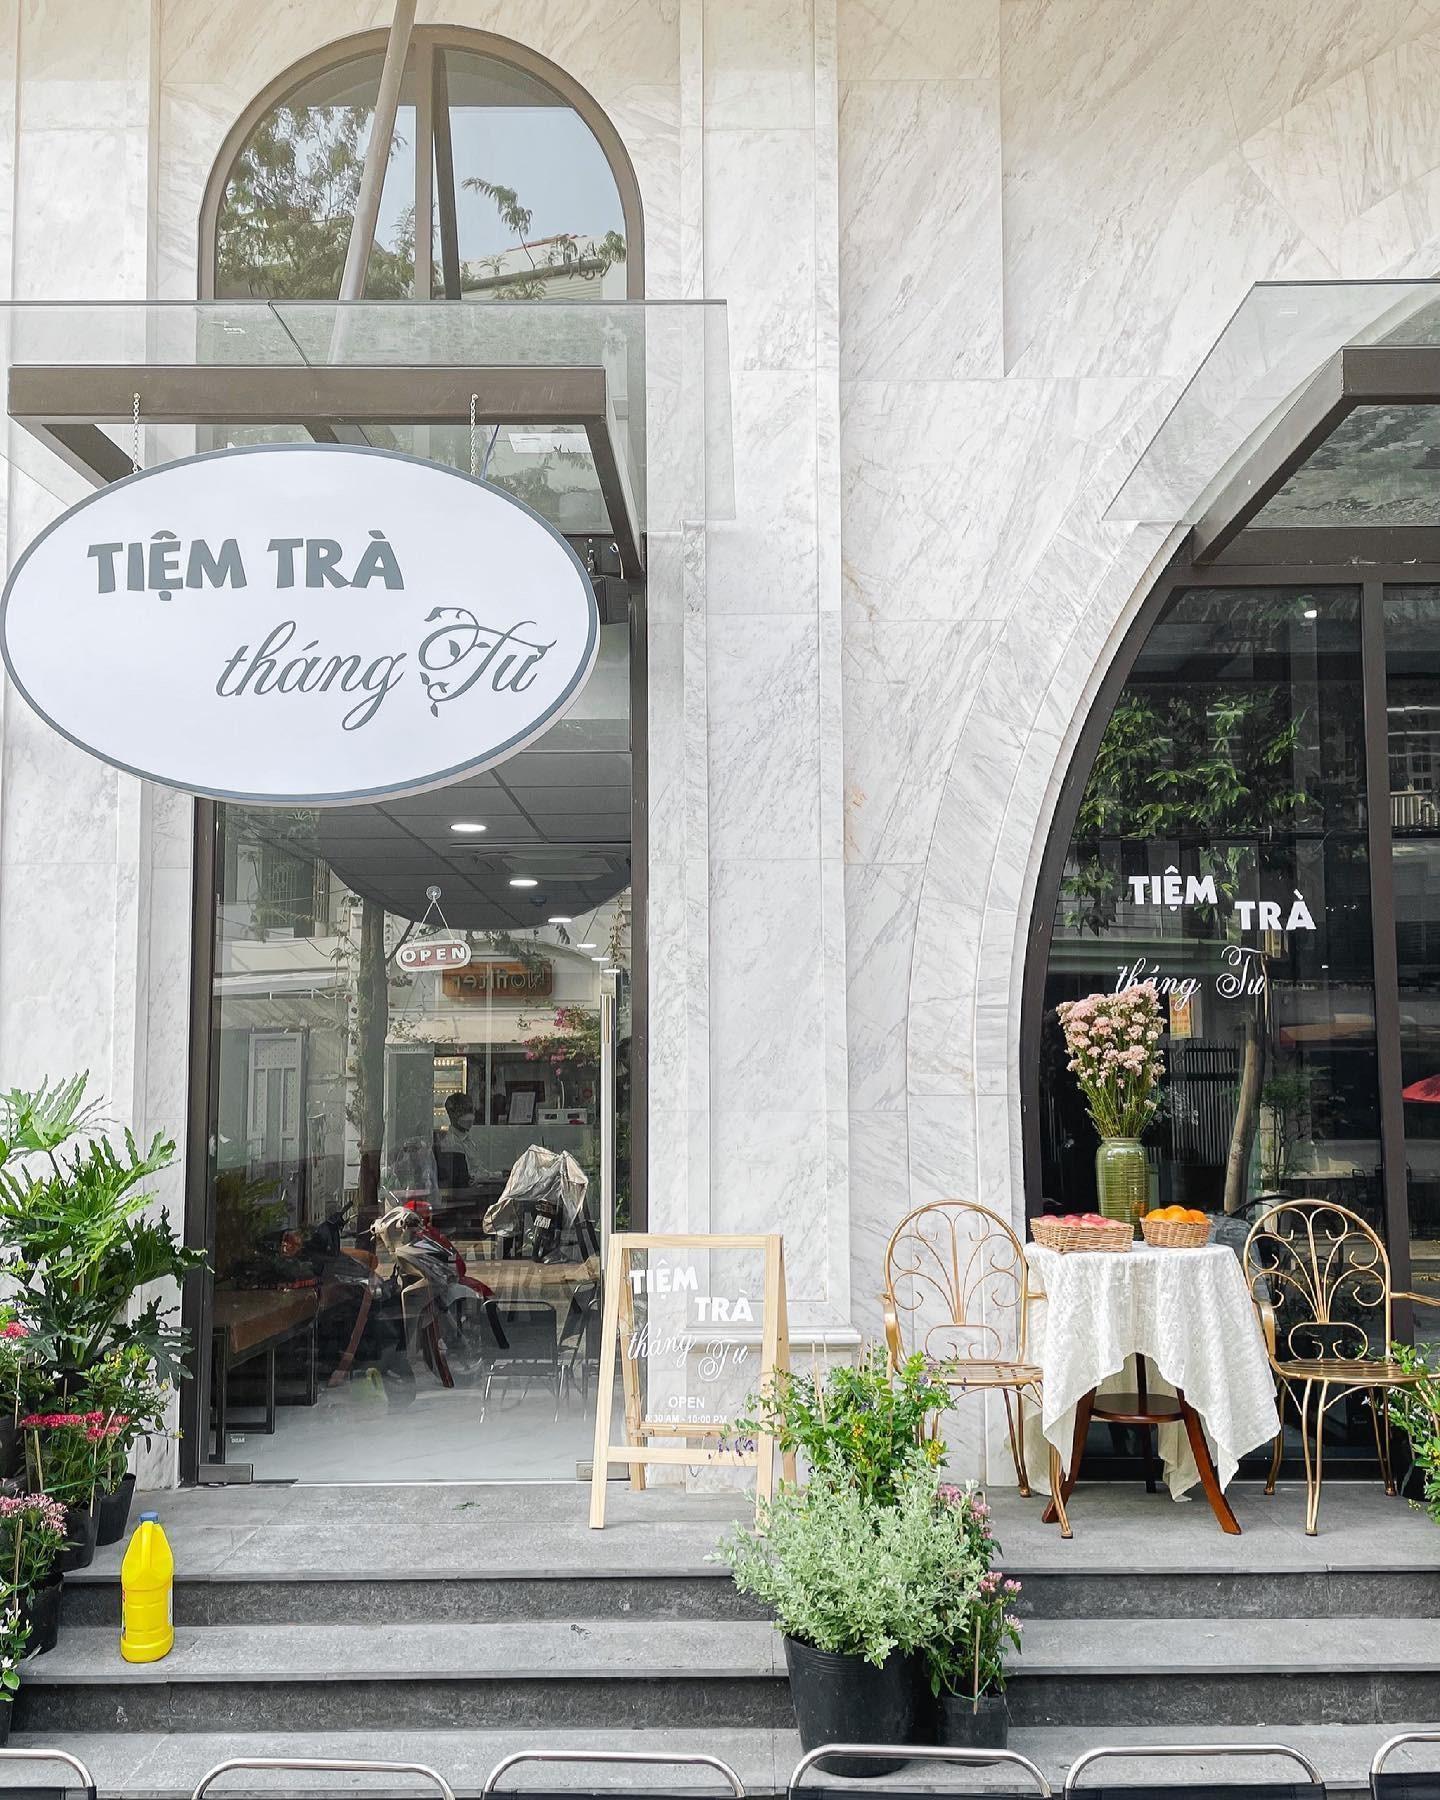 Hẹn hò Sài Gòn: Trốn nắng tại những tiệm trà mát xanh như một khu vườn nhỏ ảnh 4